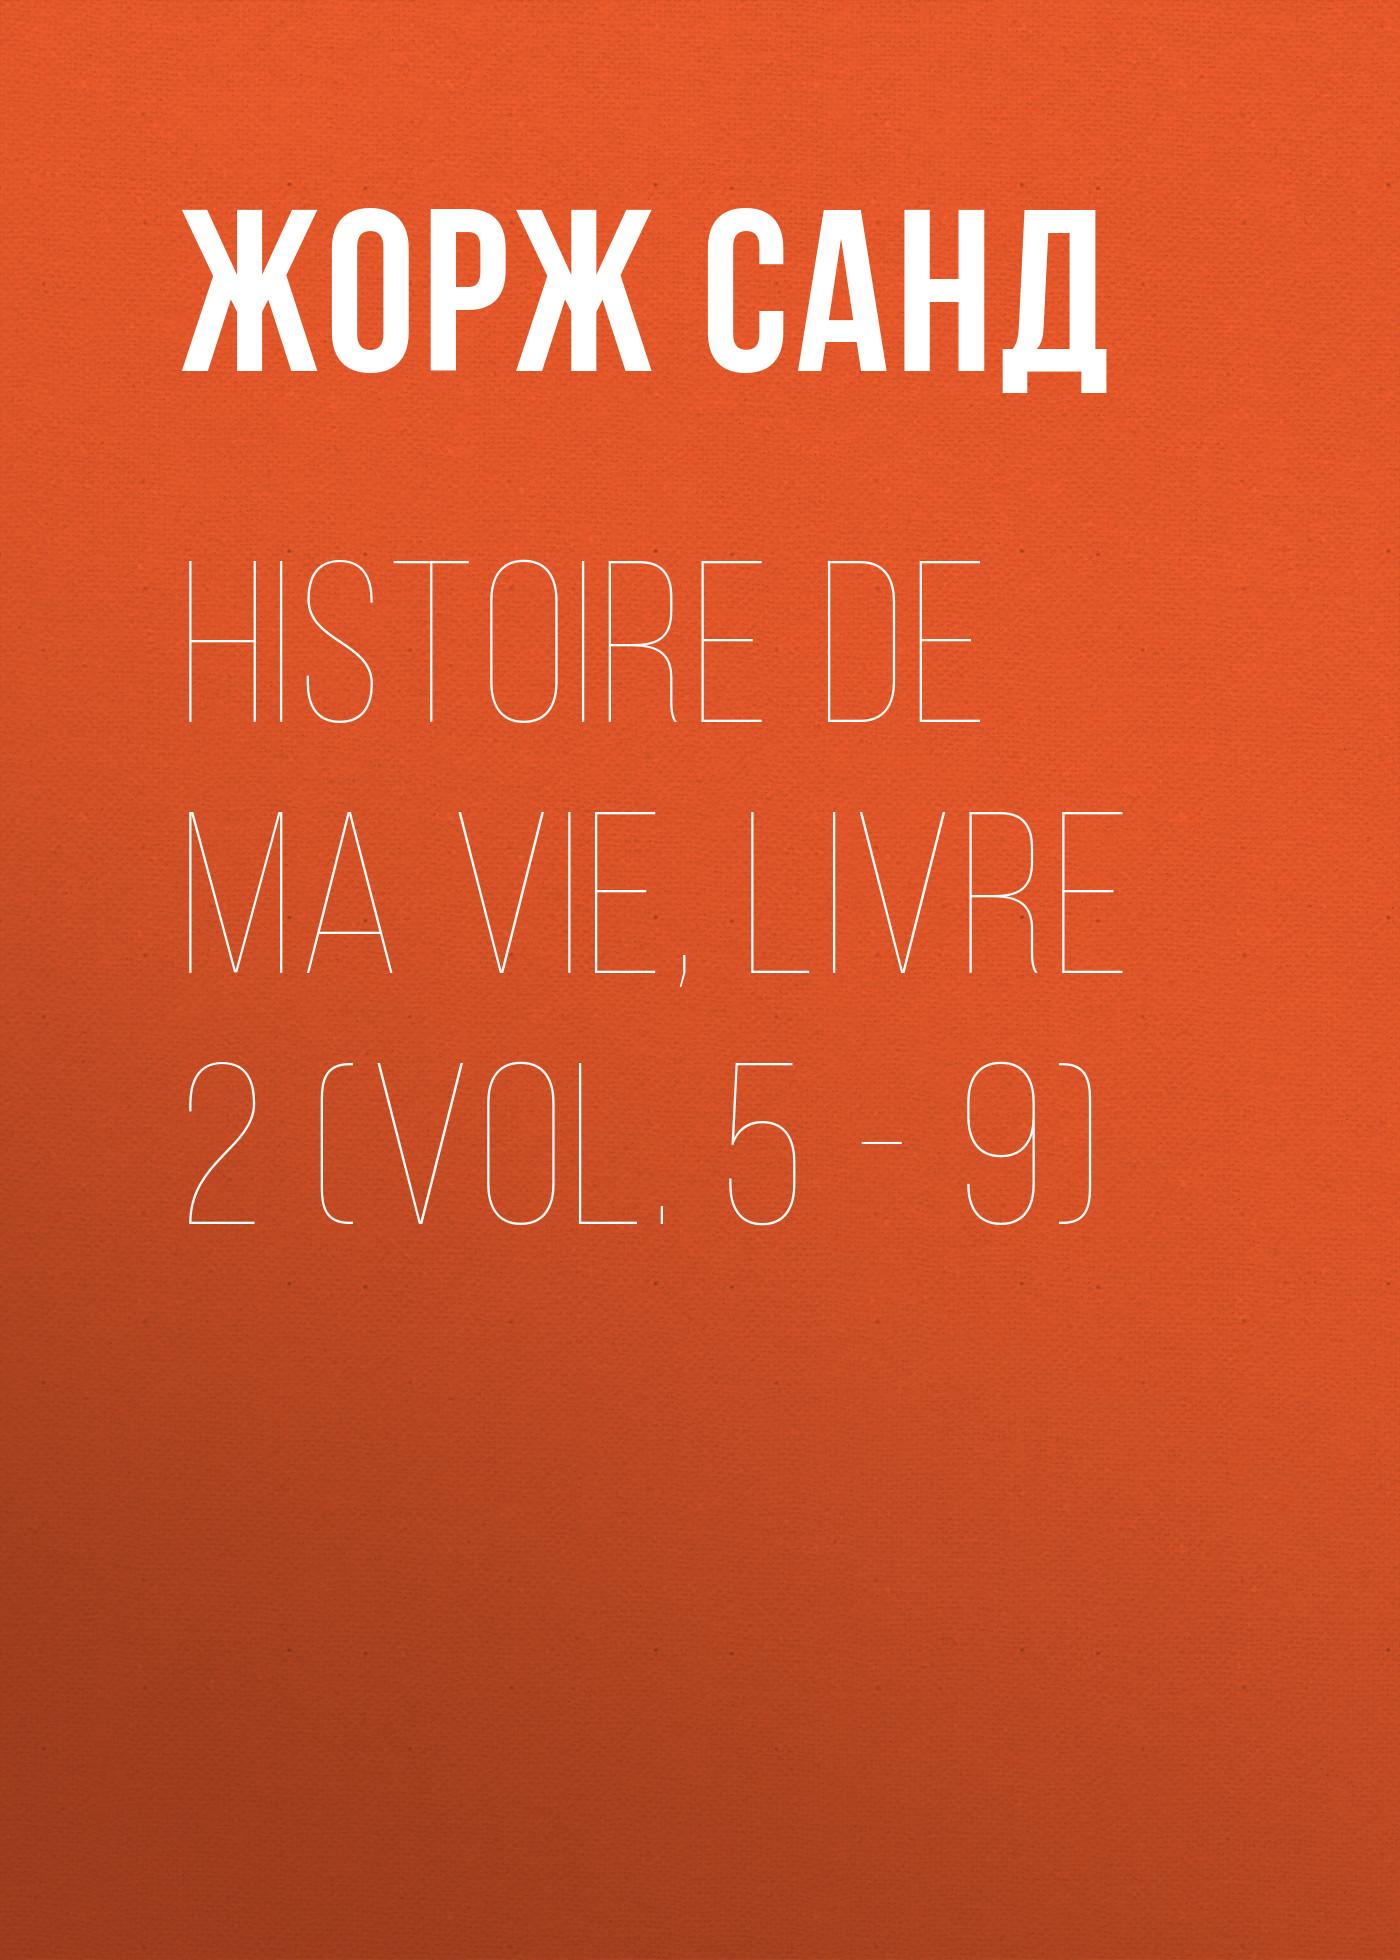 Жорж Санд Histoire de ma Vie, Livre 2 (Vol. 5 - 9) mezzanine de l alcazar vol 5 2 cd